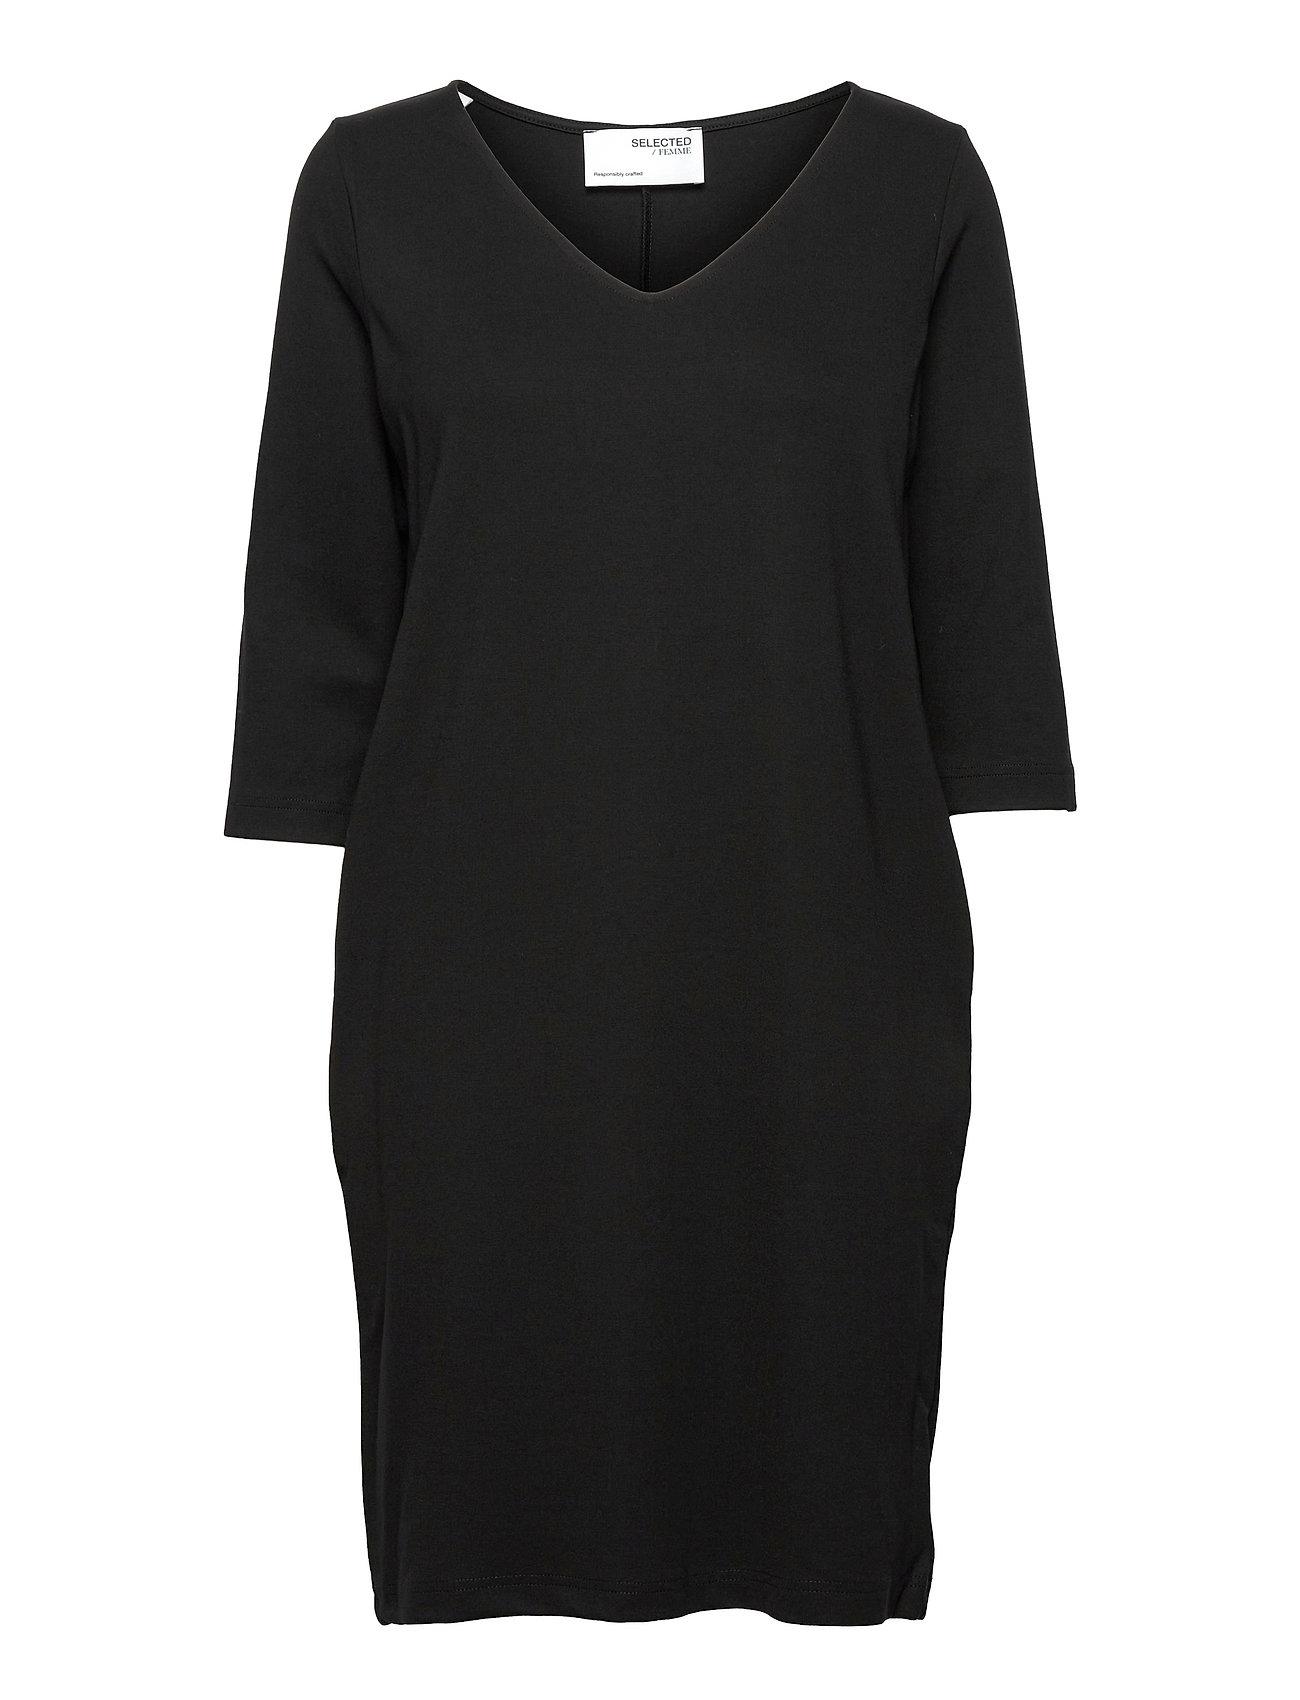 Slfcaro-Tunni 3/4 Short Dress B Knælang Kjole Sort Selected Femme